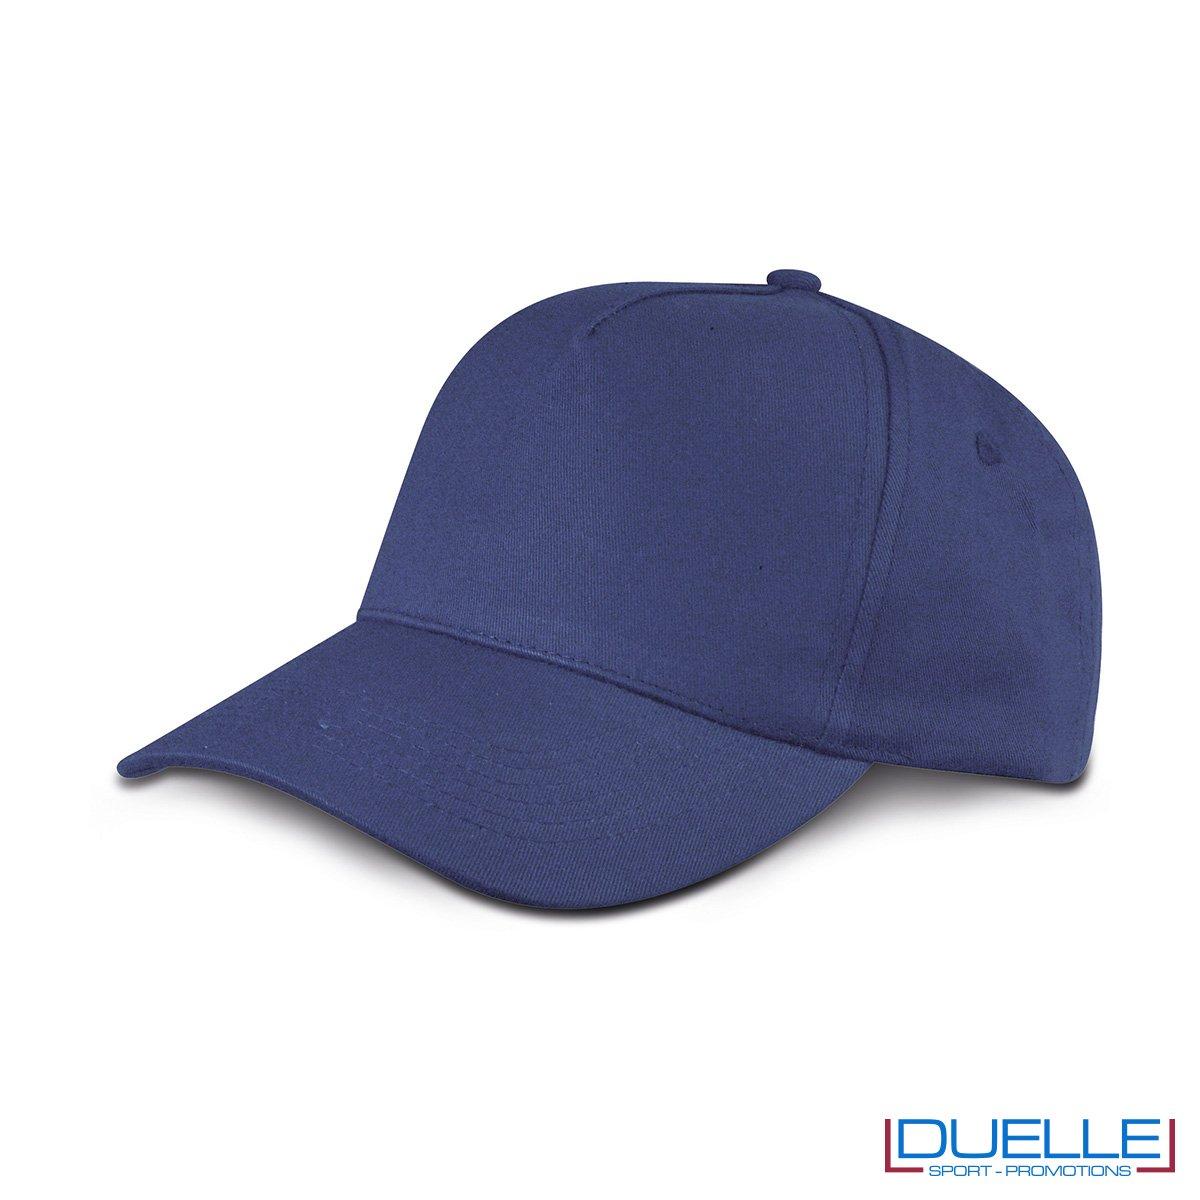 cappellino personalizzato golf a 5 pannelli colore blu navy